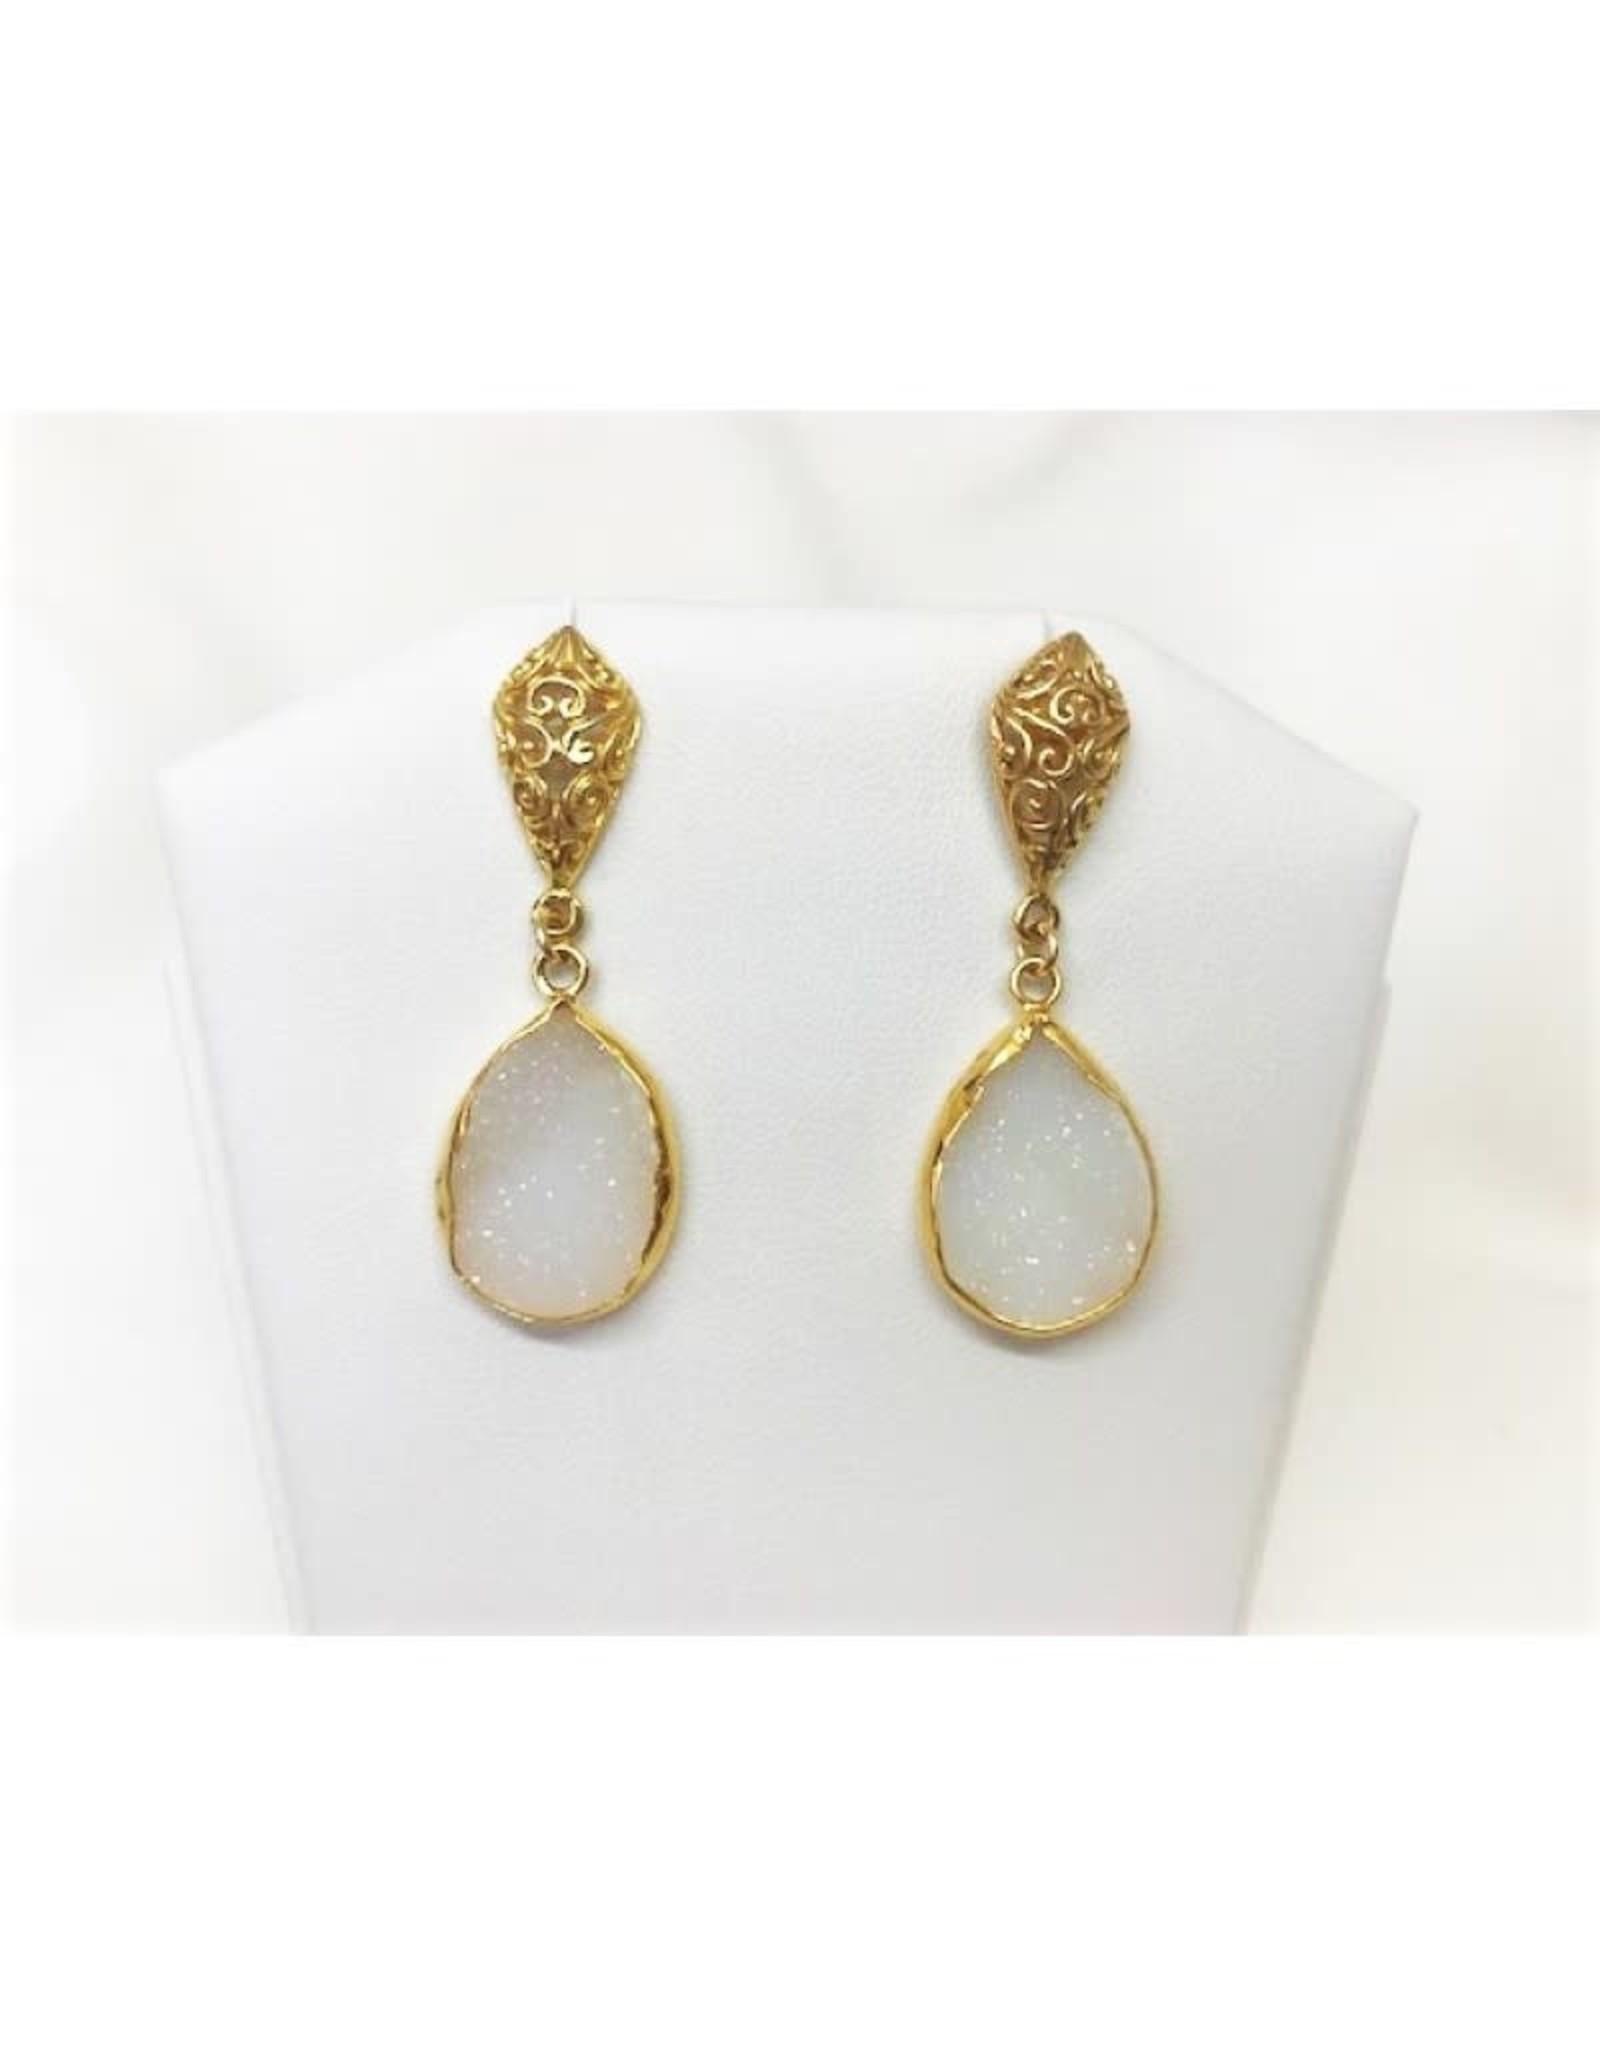 Teardrop Pendant Earrings - White Druzy/Gold/Filigree